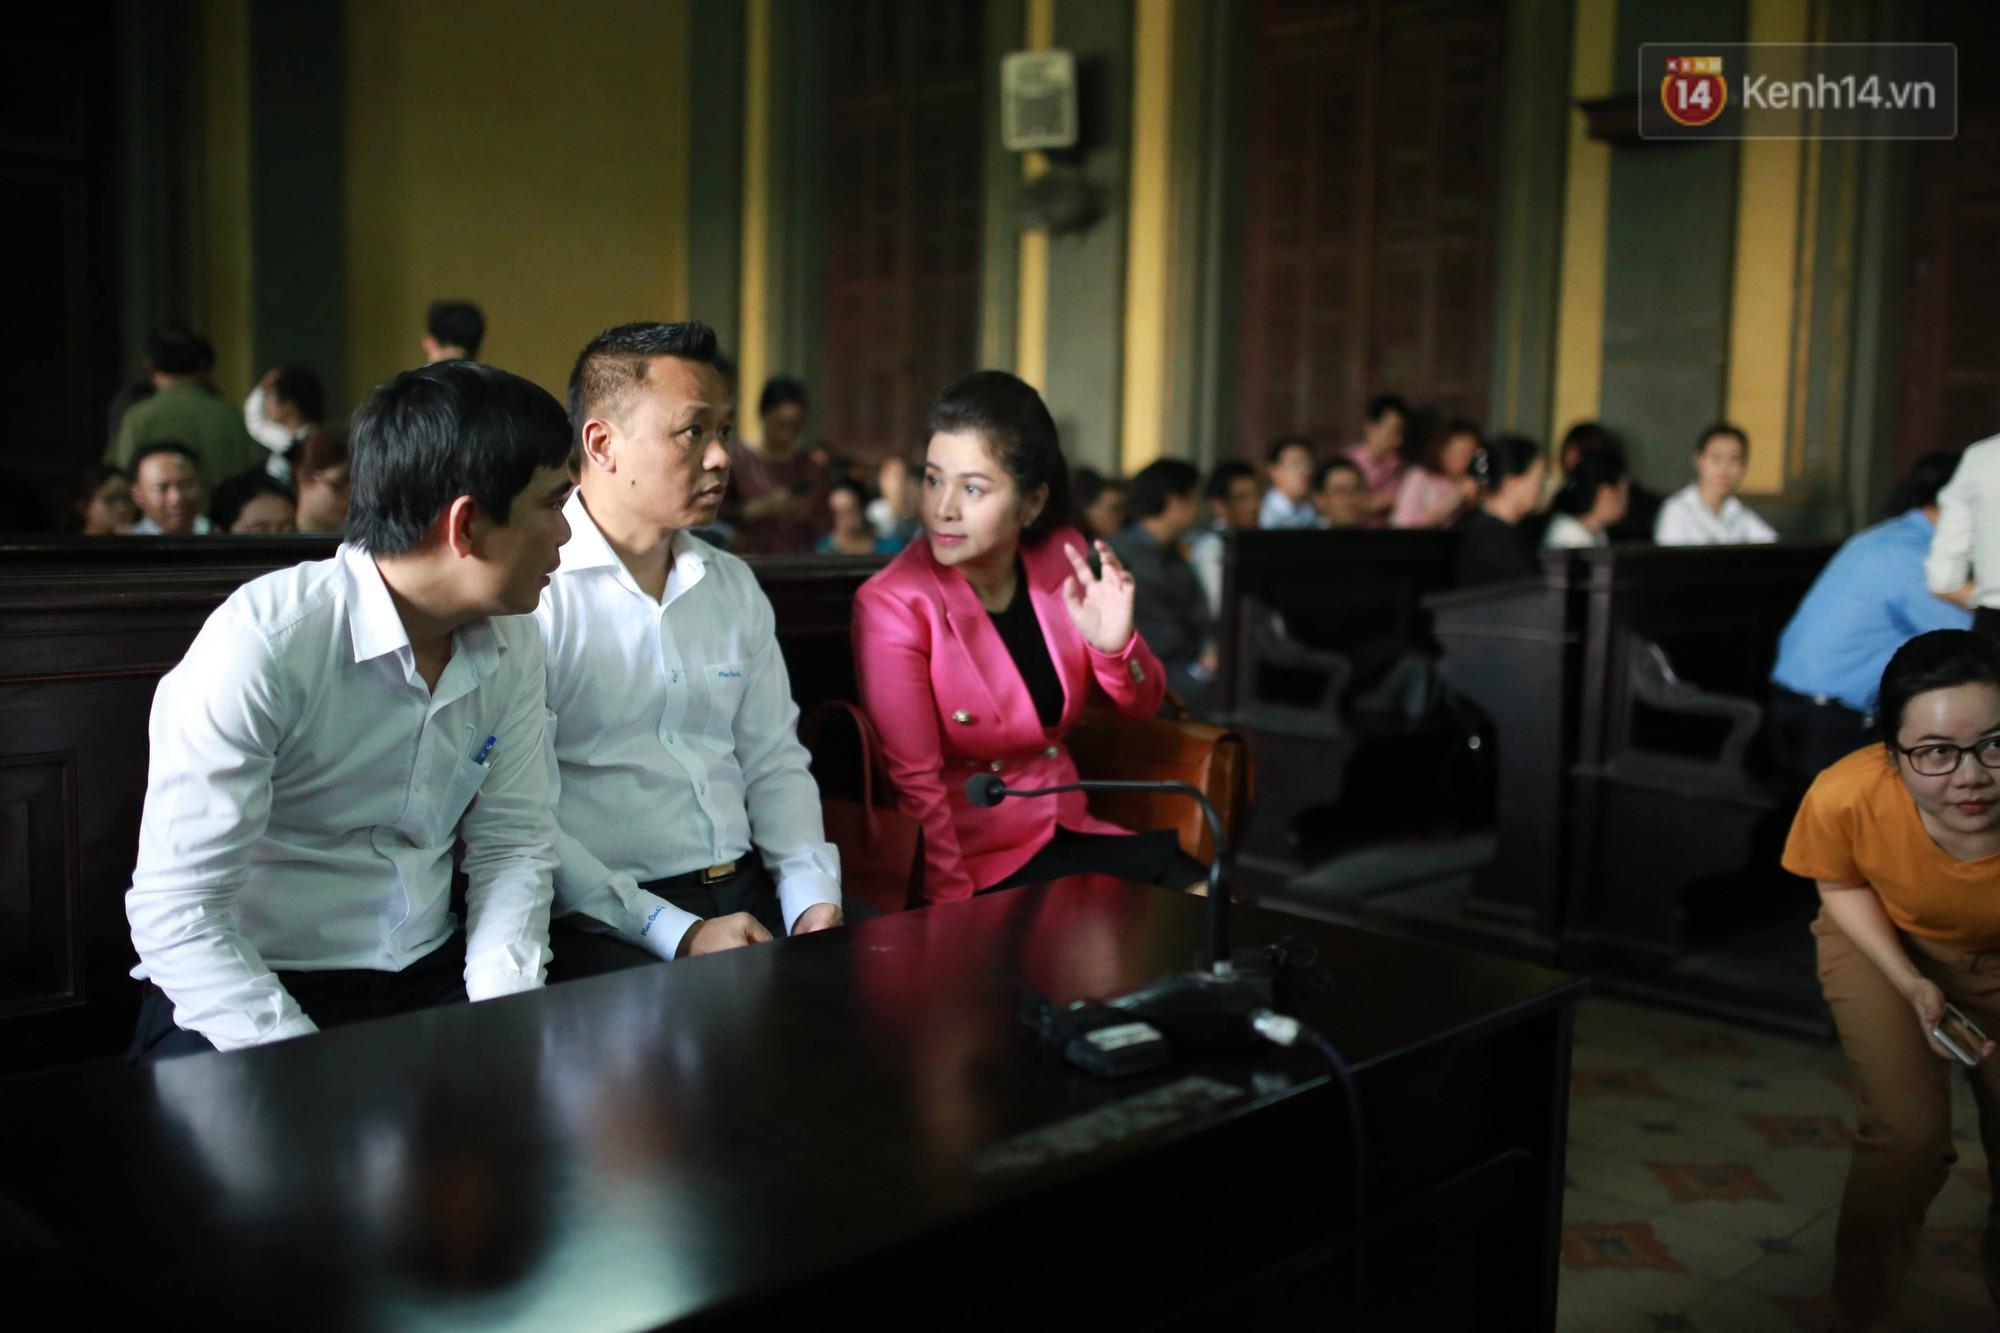 Ông Đặng Lê Nguyên Vũ chia sẻ trước phiên xử vụ ly hôn tranh chấp điều hành cà phê Trung Nguyên: Tôi vẫn có thể hàn gắn với vợ nếu như cô ấy tu tâm - Ảnh 2.